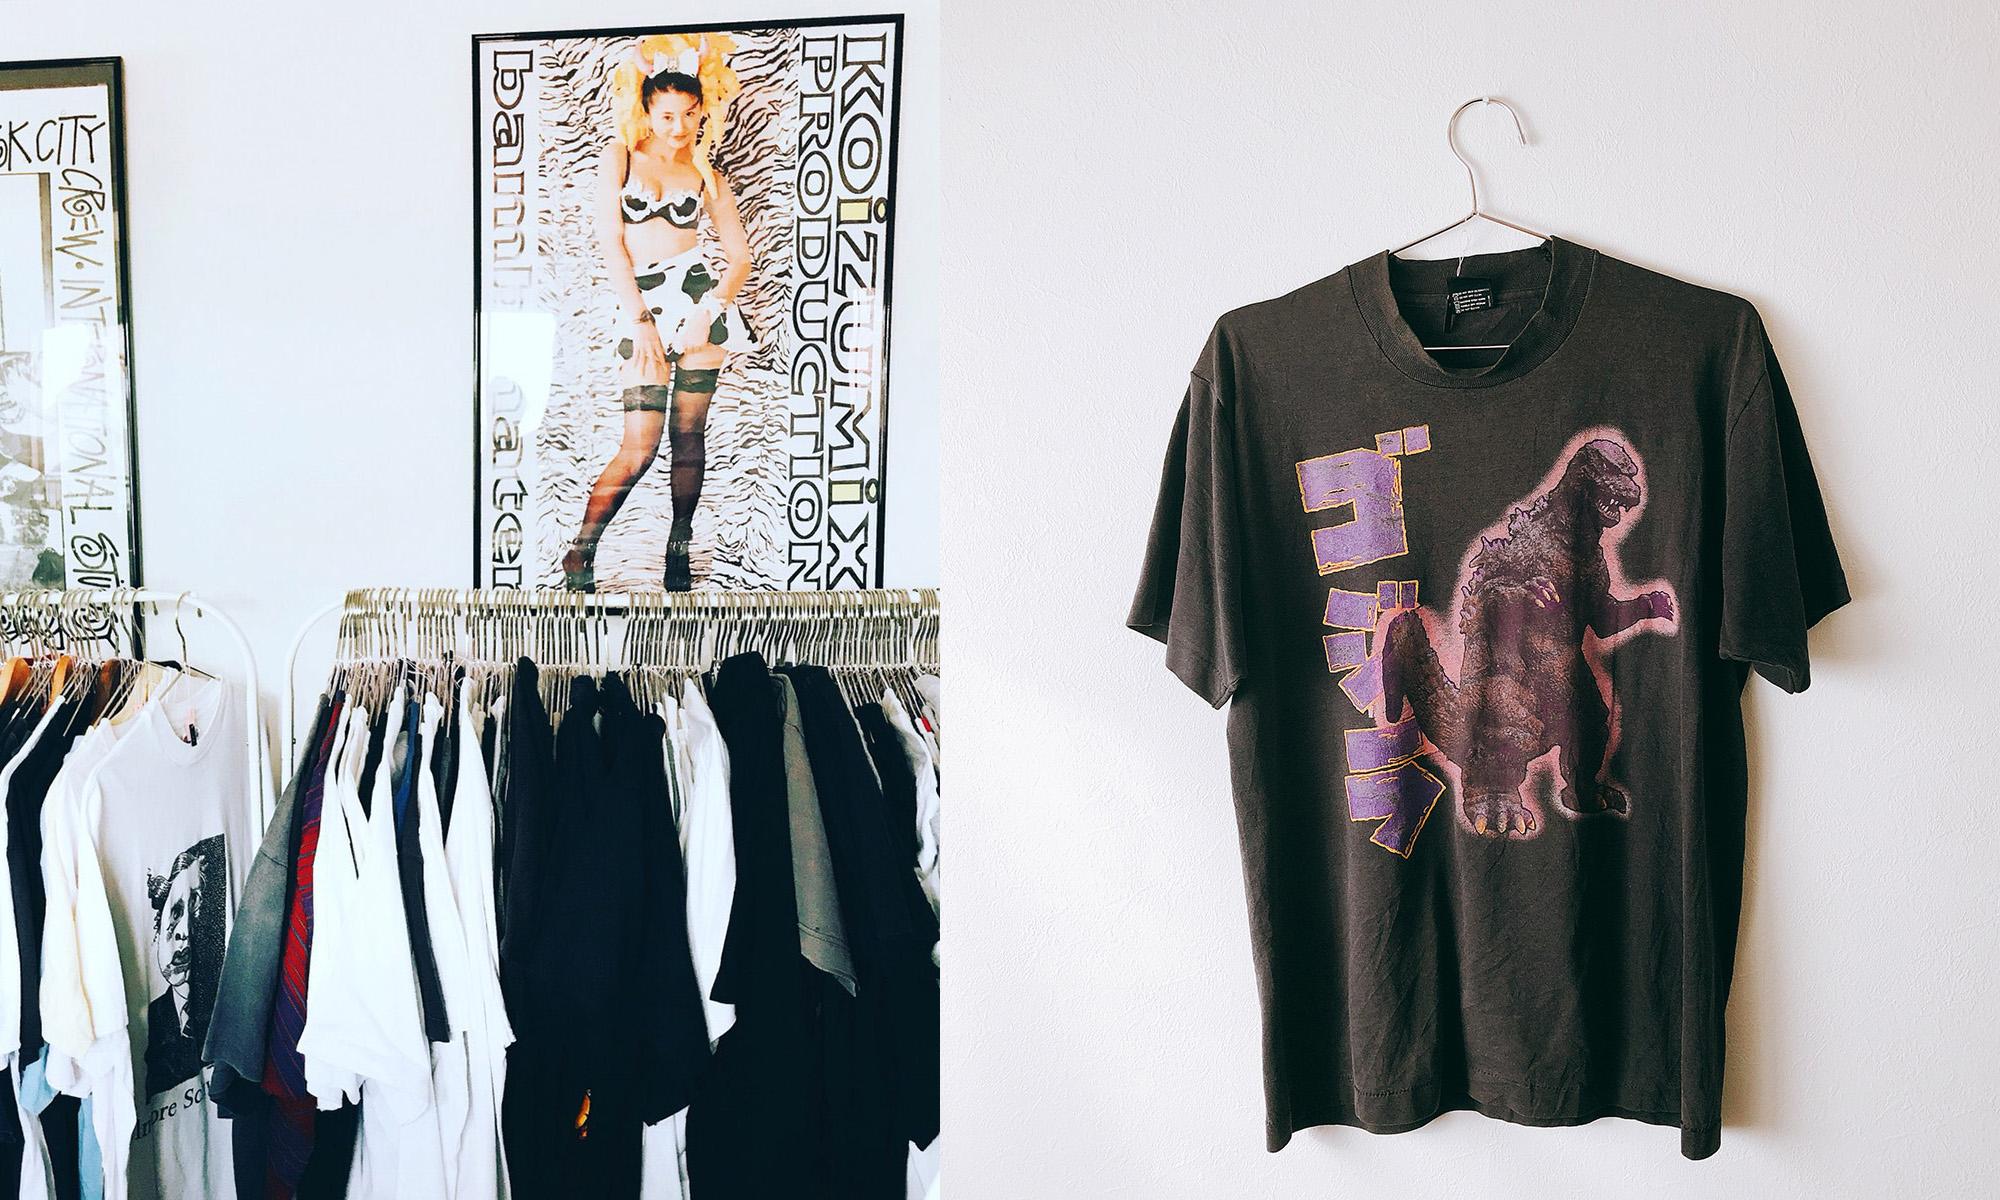 ANYTEE × JOURNAL STANDARD -ヴィンテージ古着を扱うポップアップショップGEEK TEE LAB-